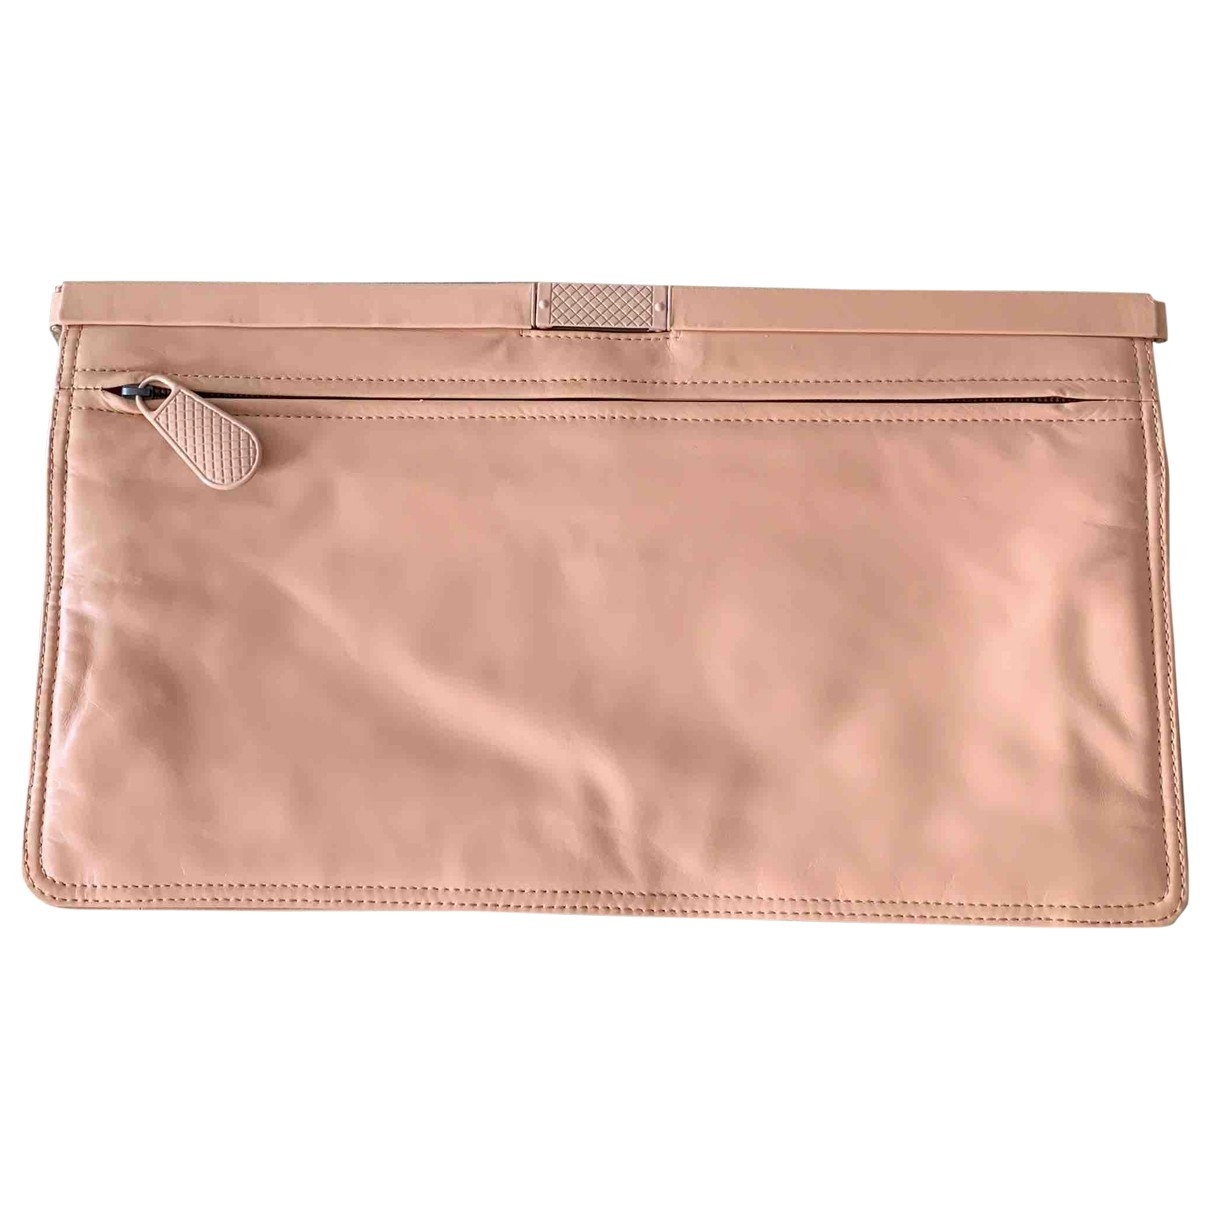 Bottega Veneta \N Pink Leather Clutch bag for Women \N